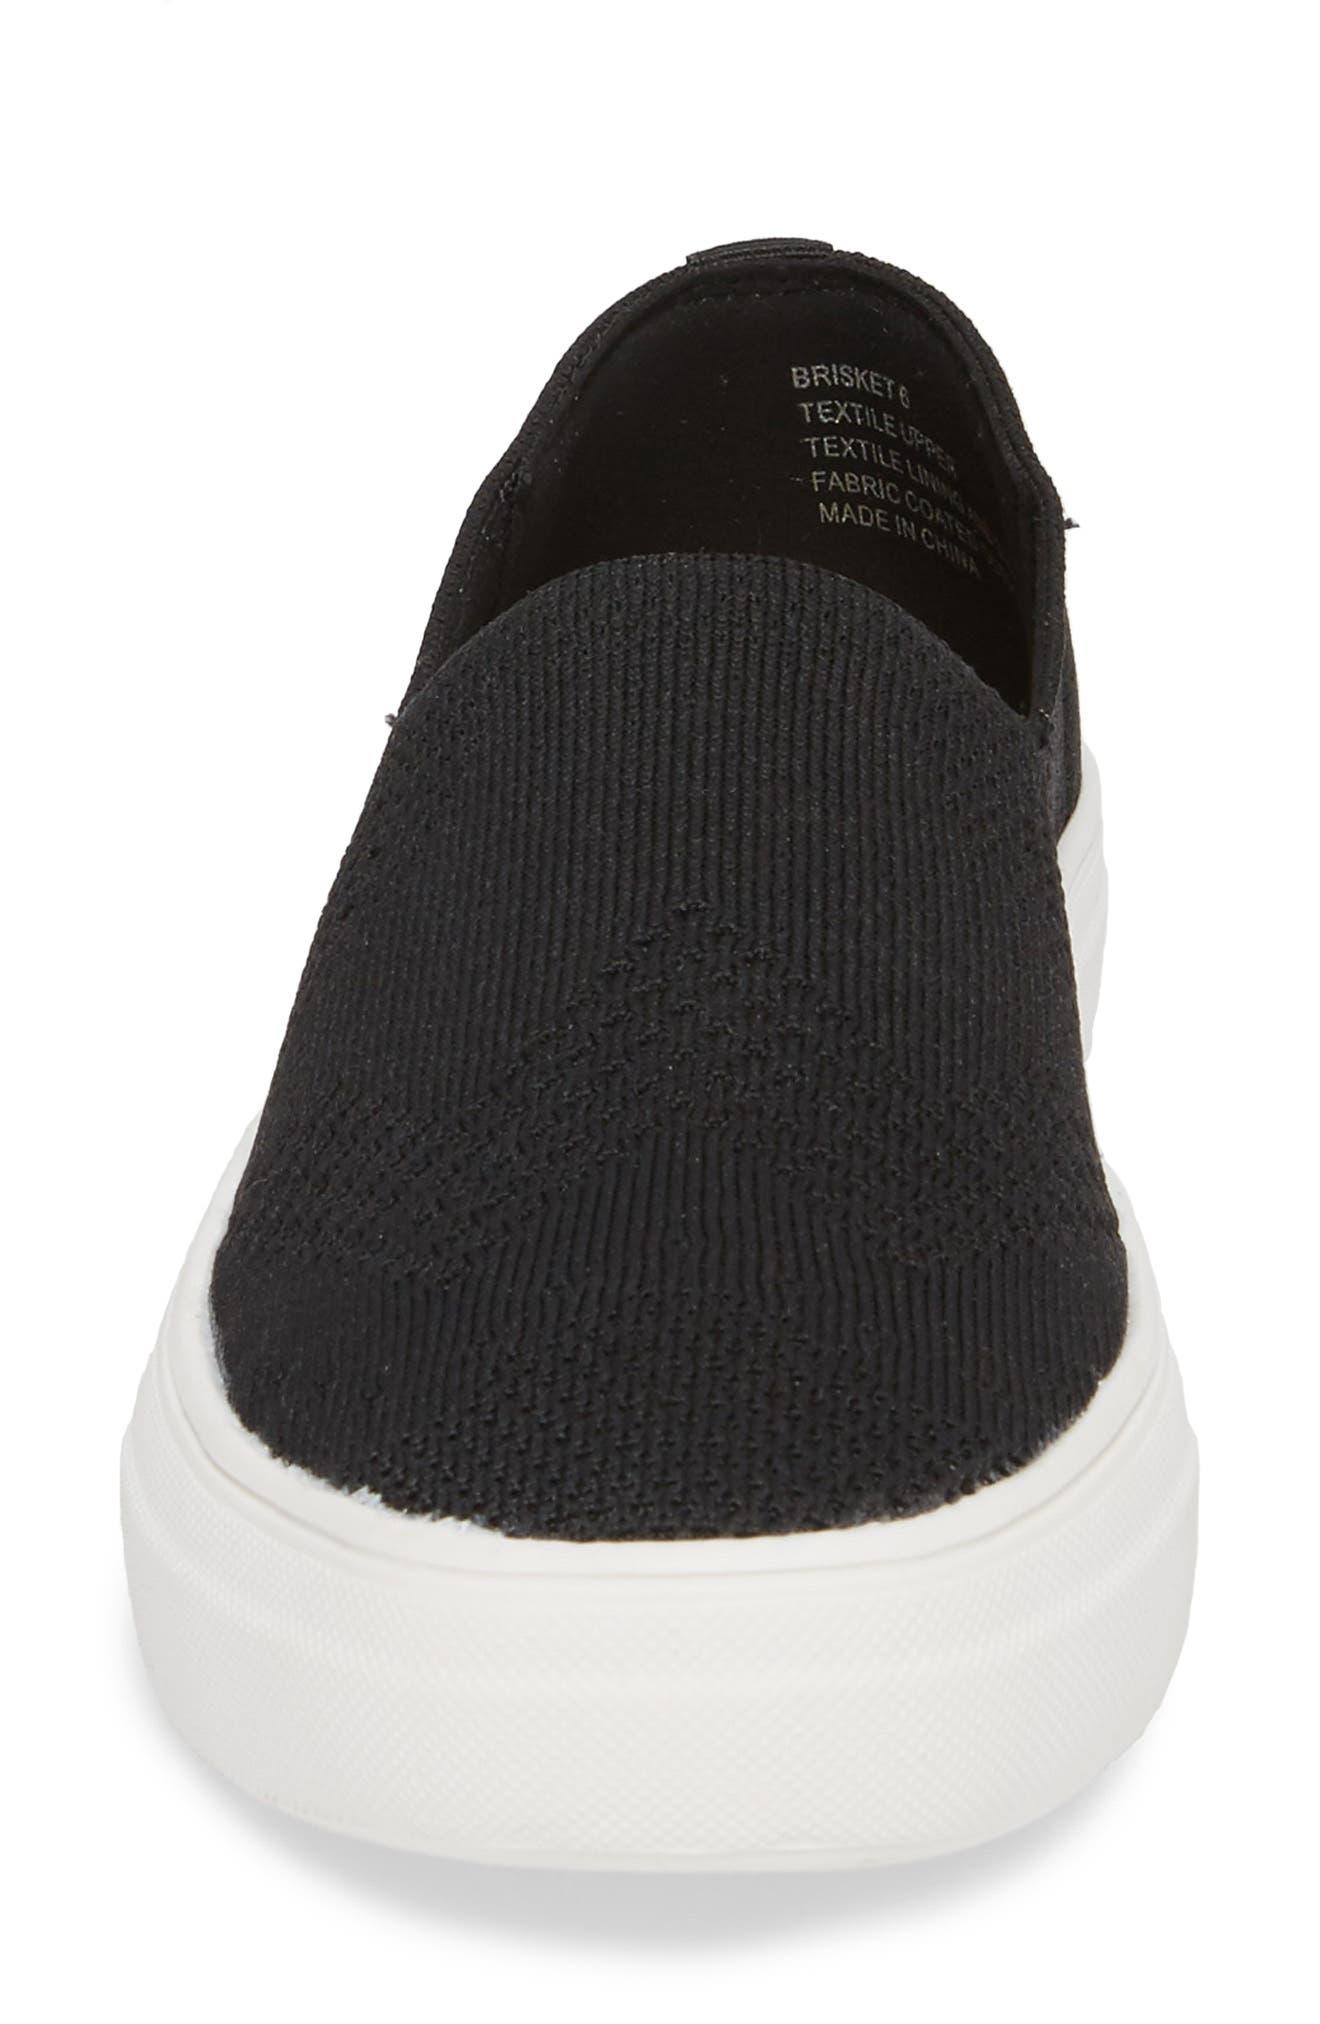 Brisket Slip-On Sneaker,                             Alternate thumbnail 4, color,                             001